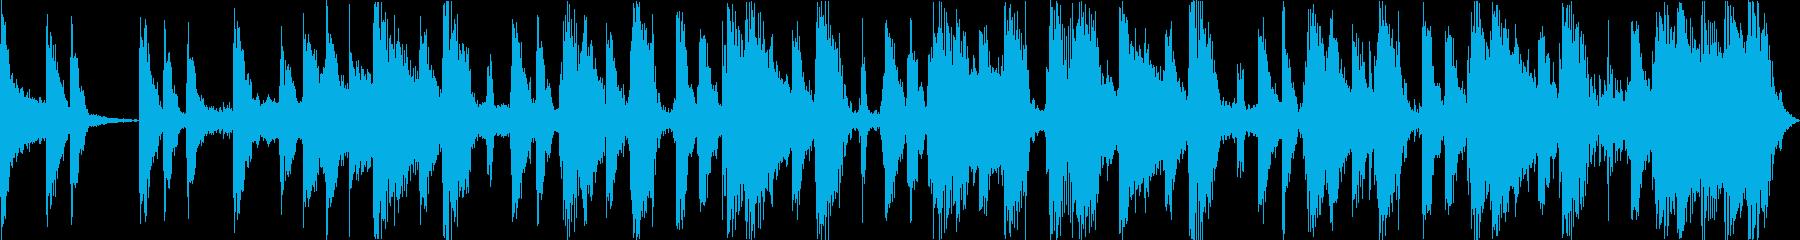 コミカルでノれるサックスのポップジングルの再生済みの波形